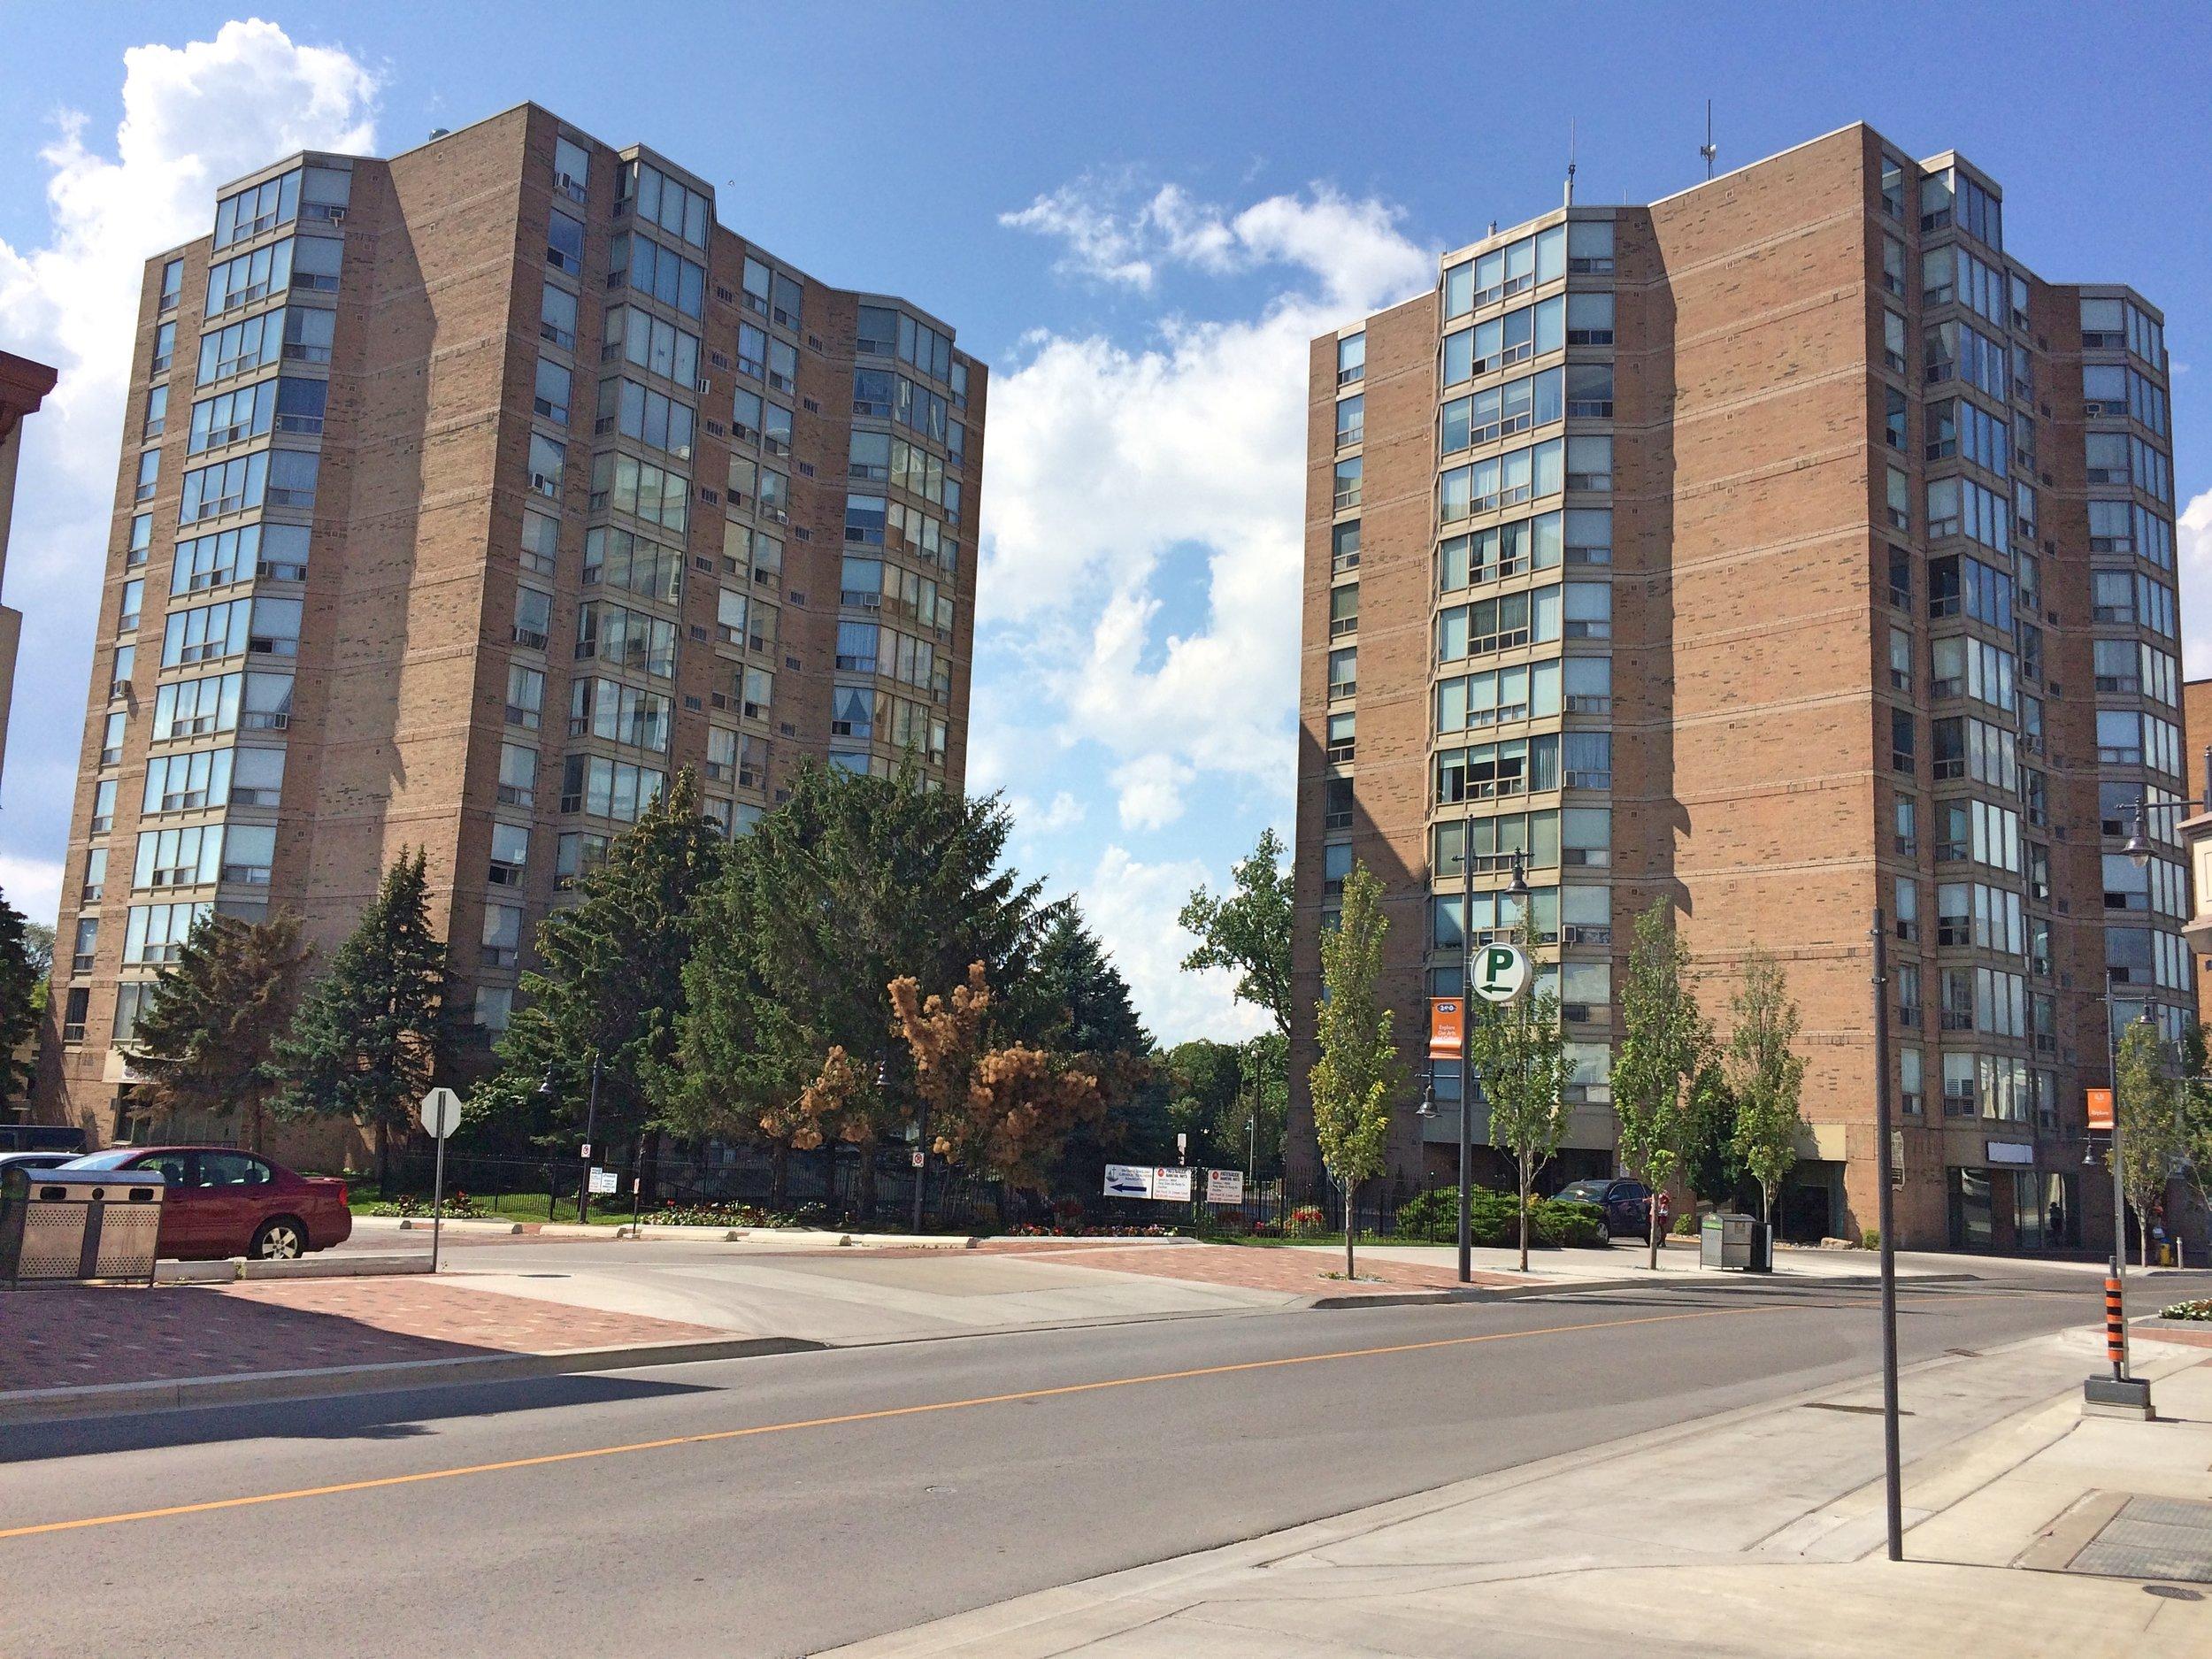 350 Front Street, simplybellevillerealestate.com copy.jpg